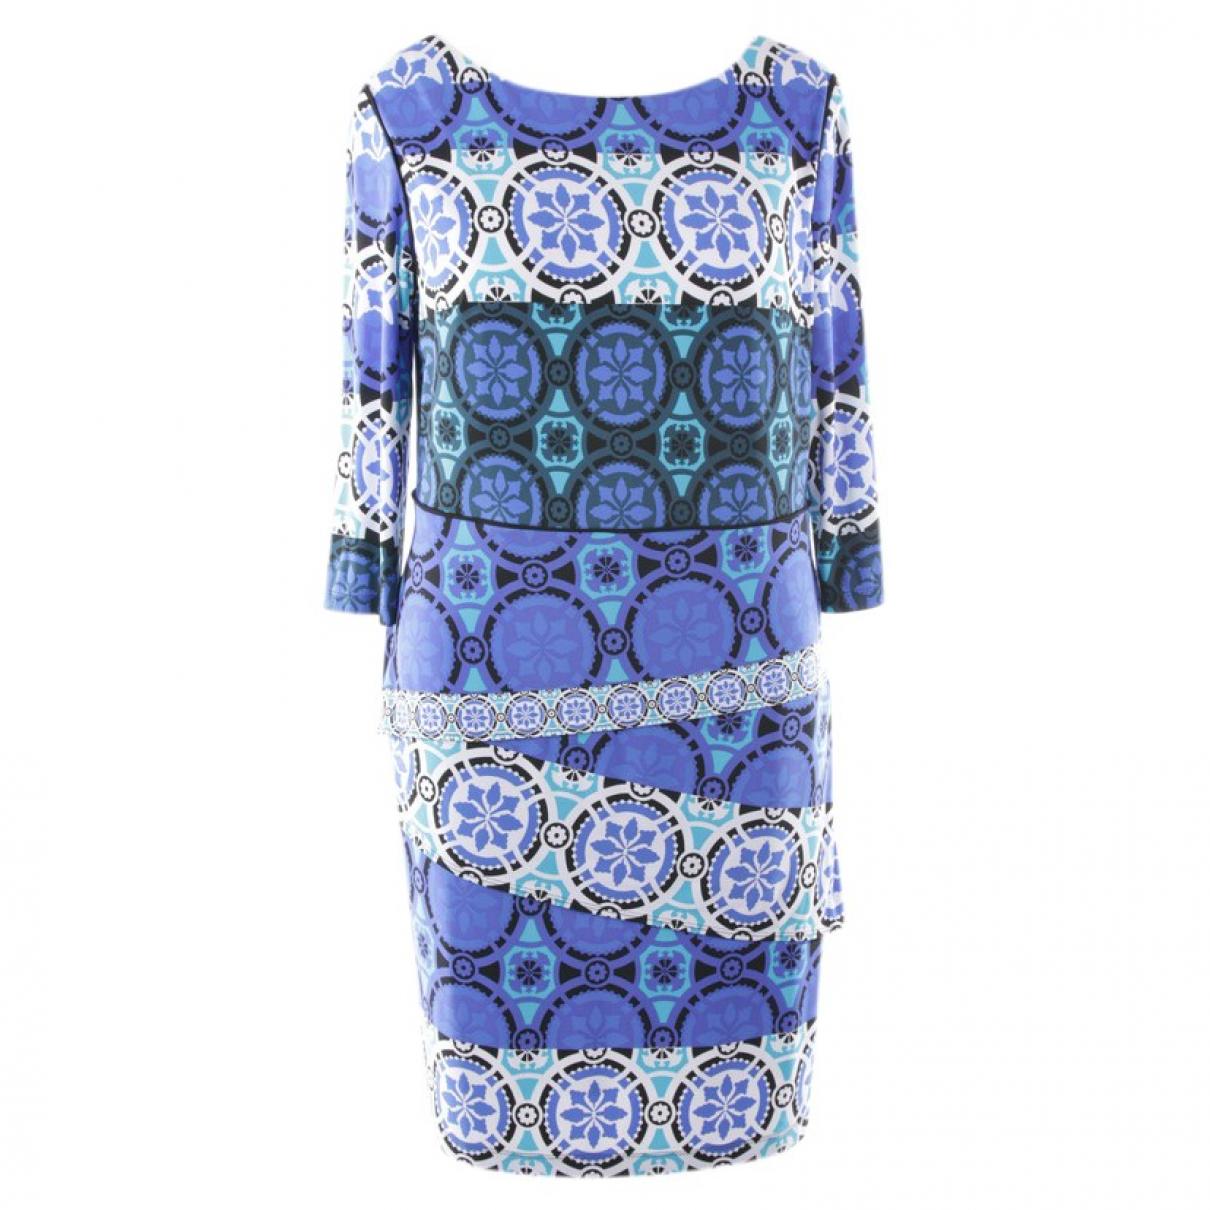 Joseph Ribkoff \N Kleid in  Blau Synthetik